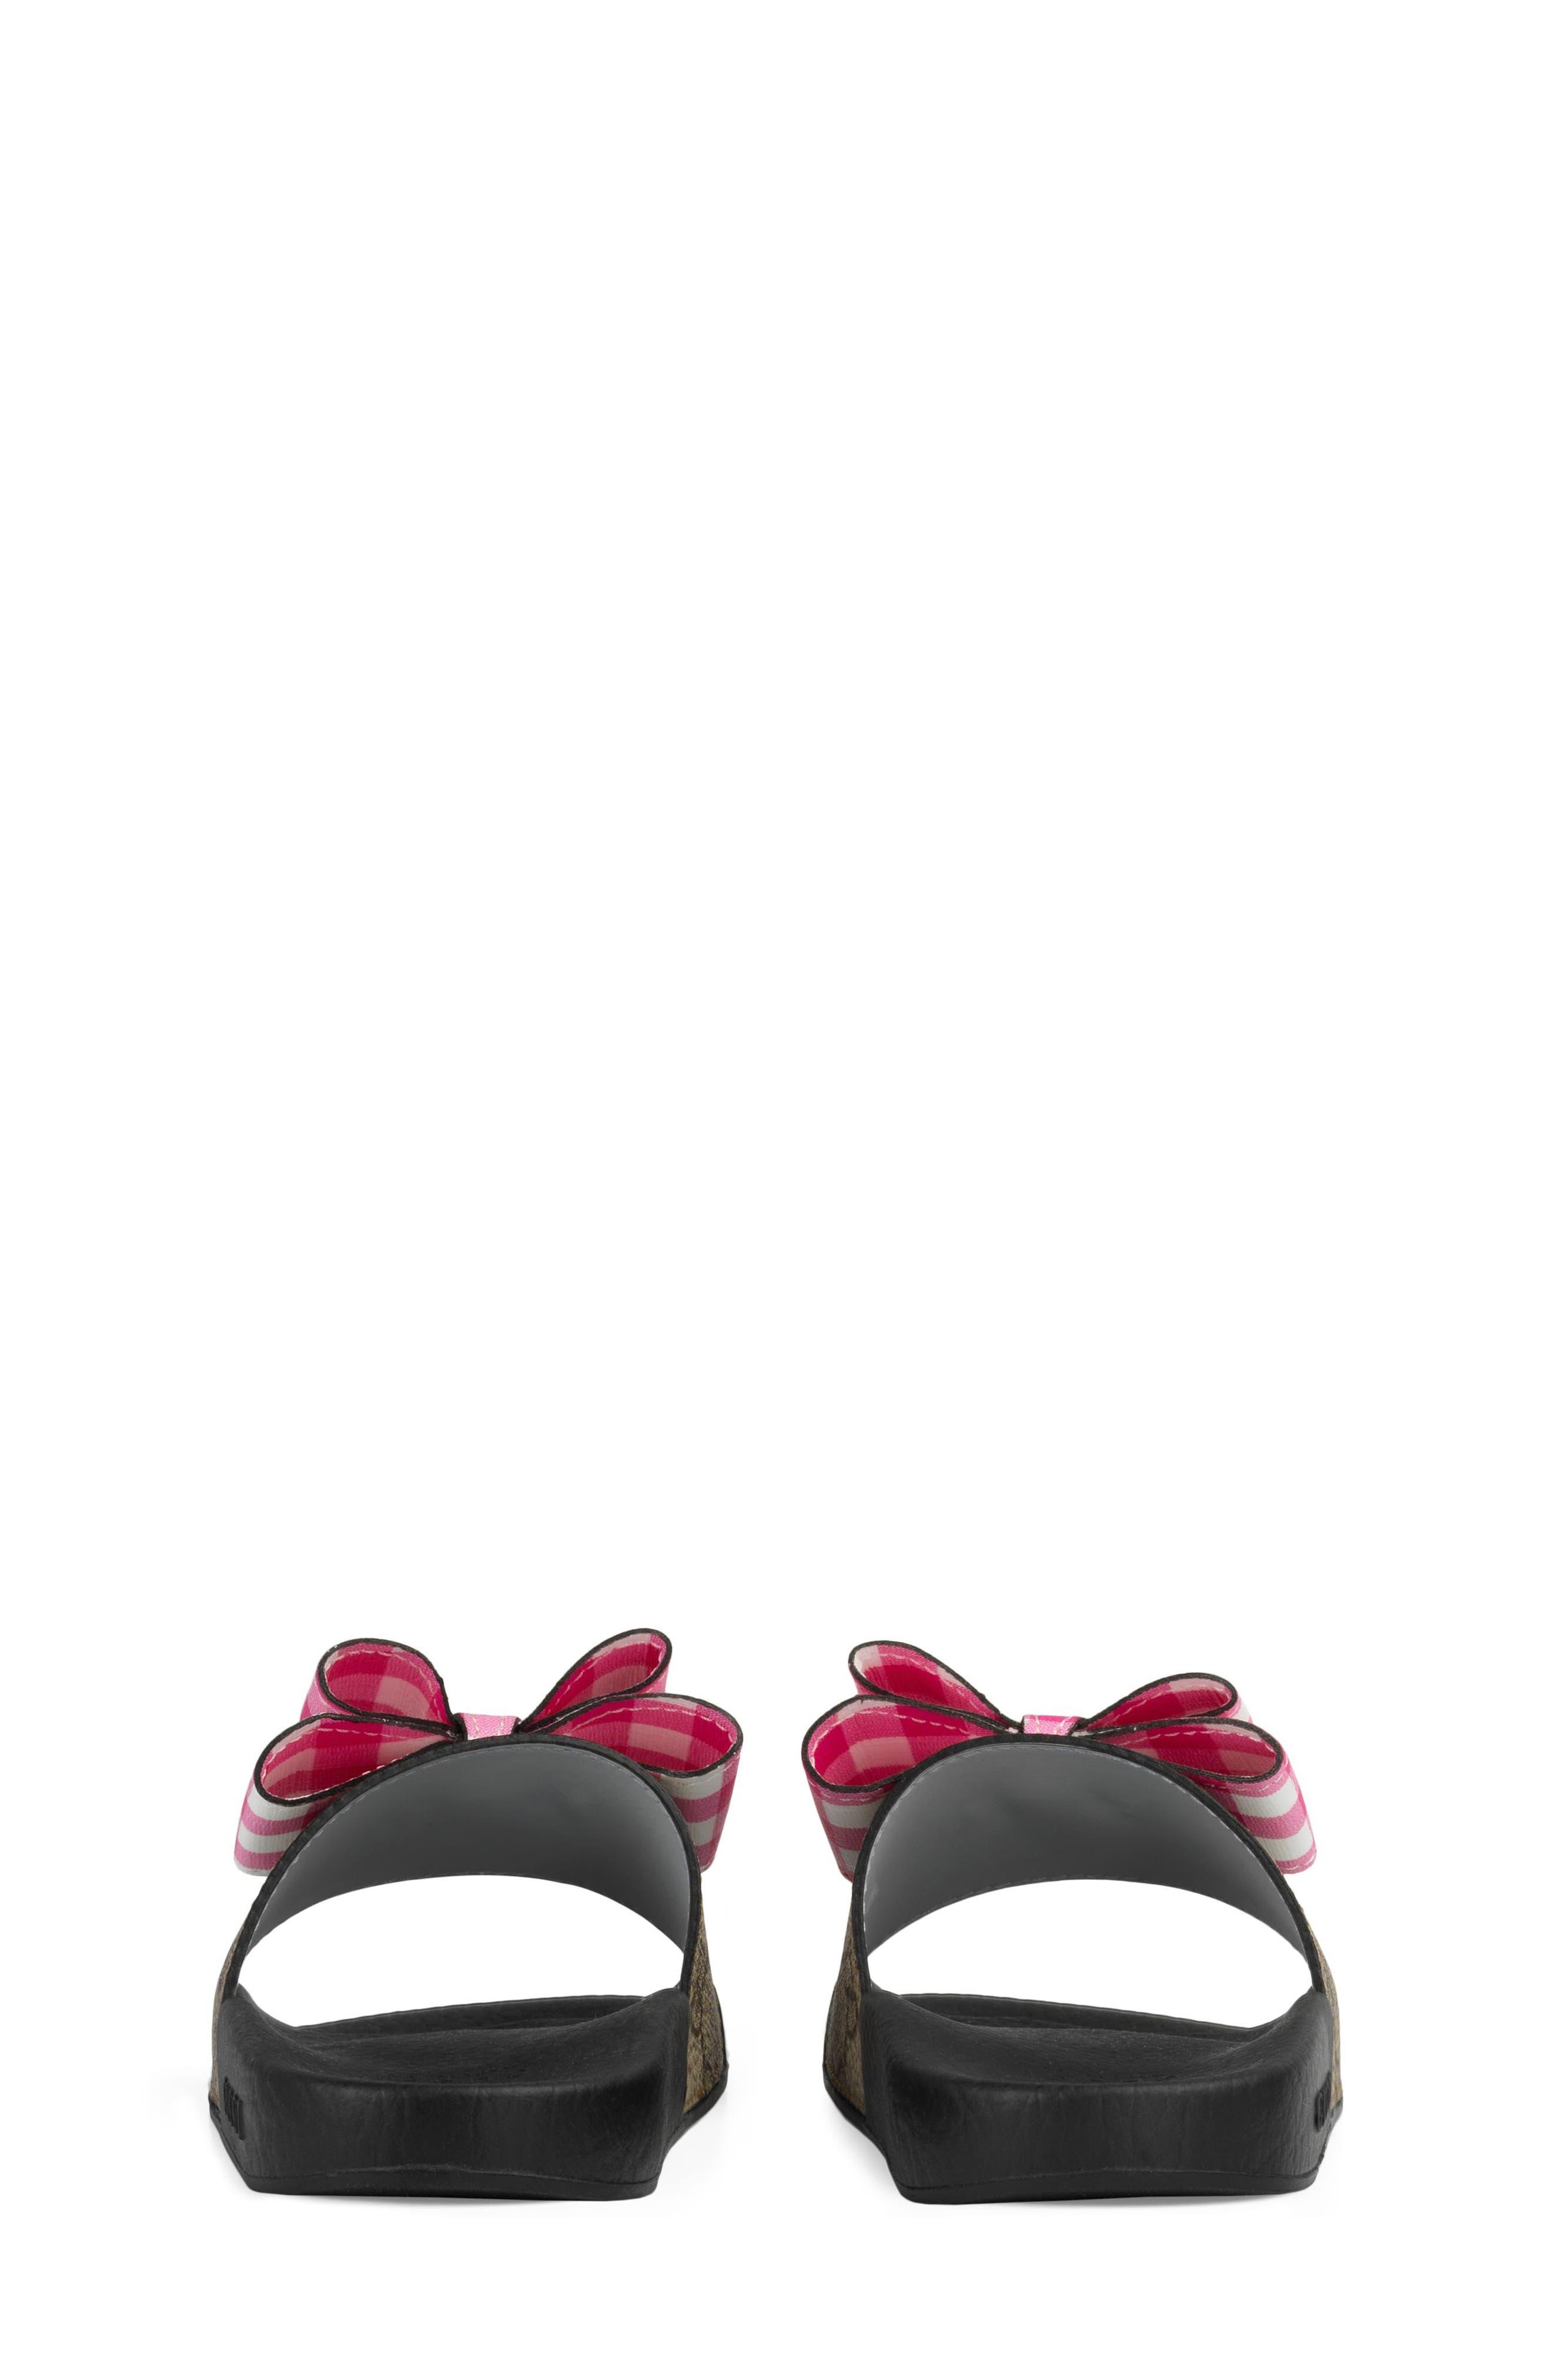 Pursuit Bow Slide,                             Alternate thumbnail 2, color,                             Beige/ Pink